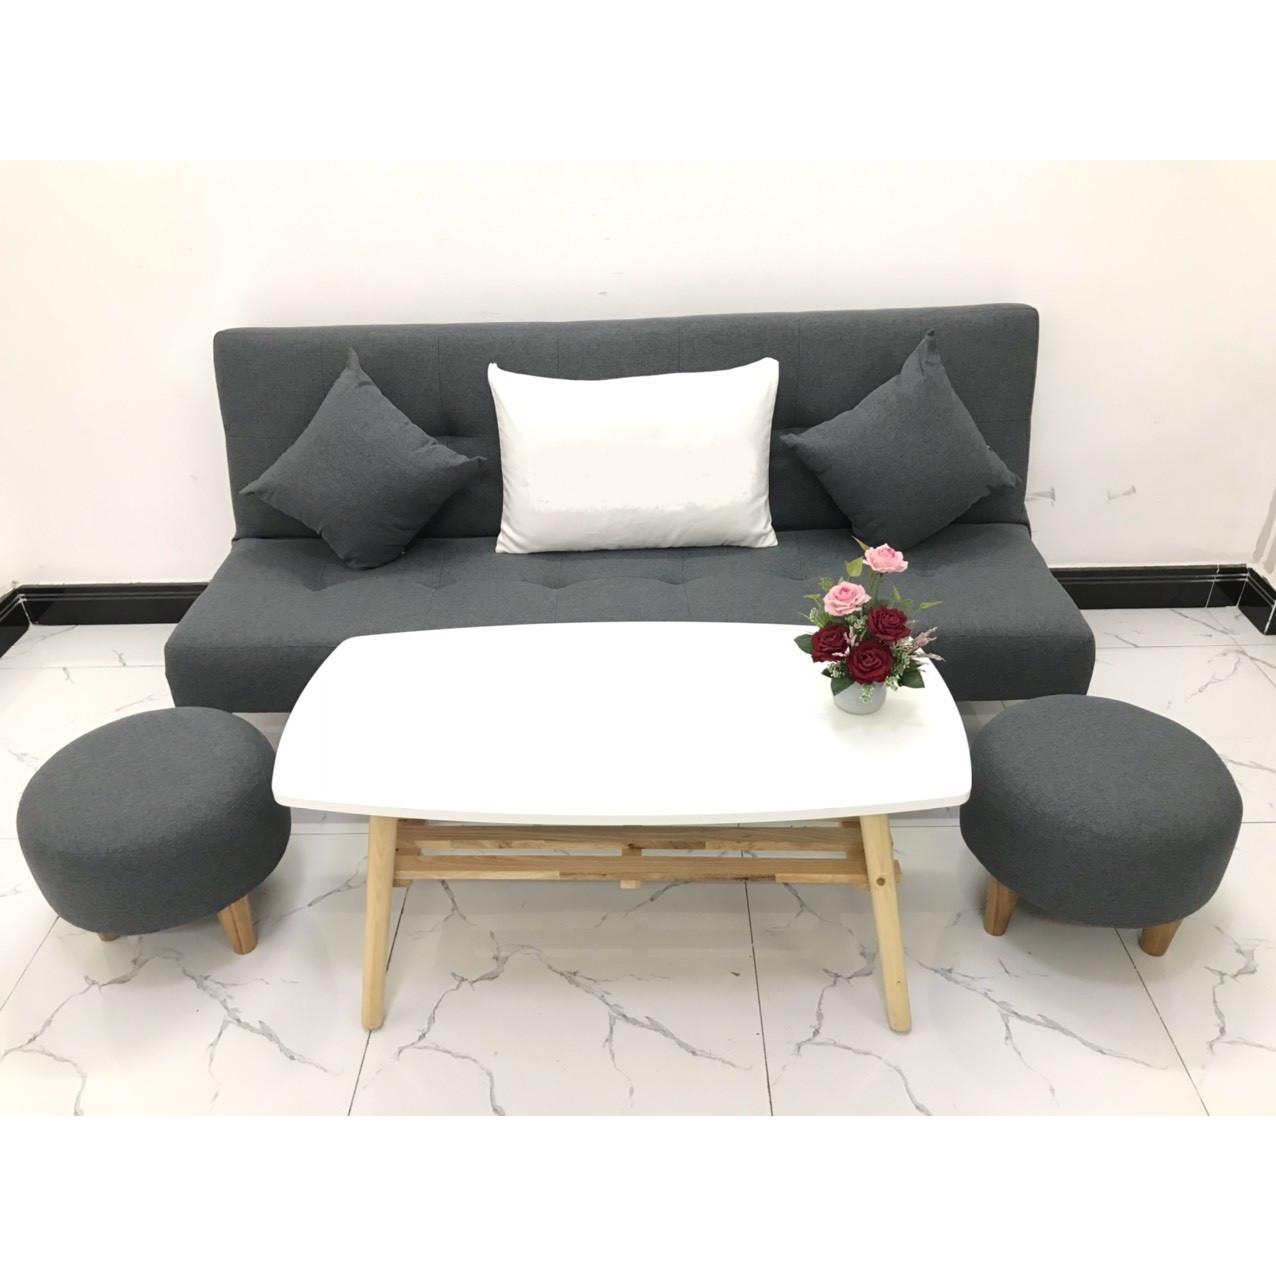 Bộ ghế sofa giường sofa bed phòng khách linco24 sofa vải, sofa nệm, sofa